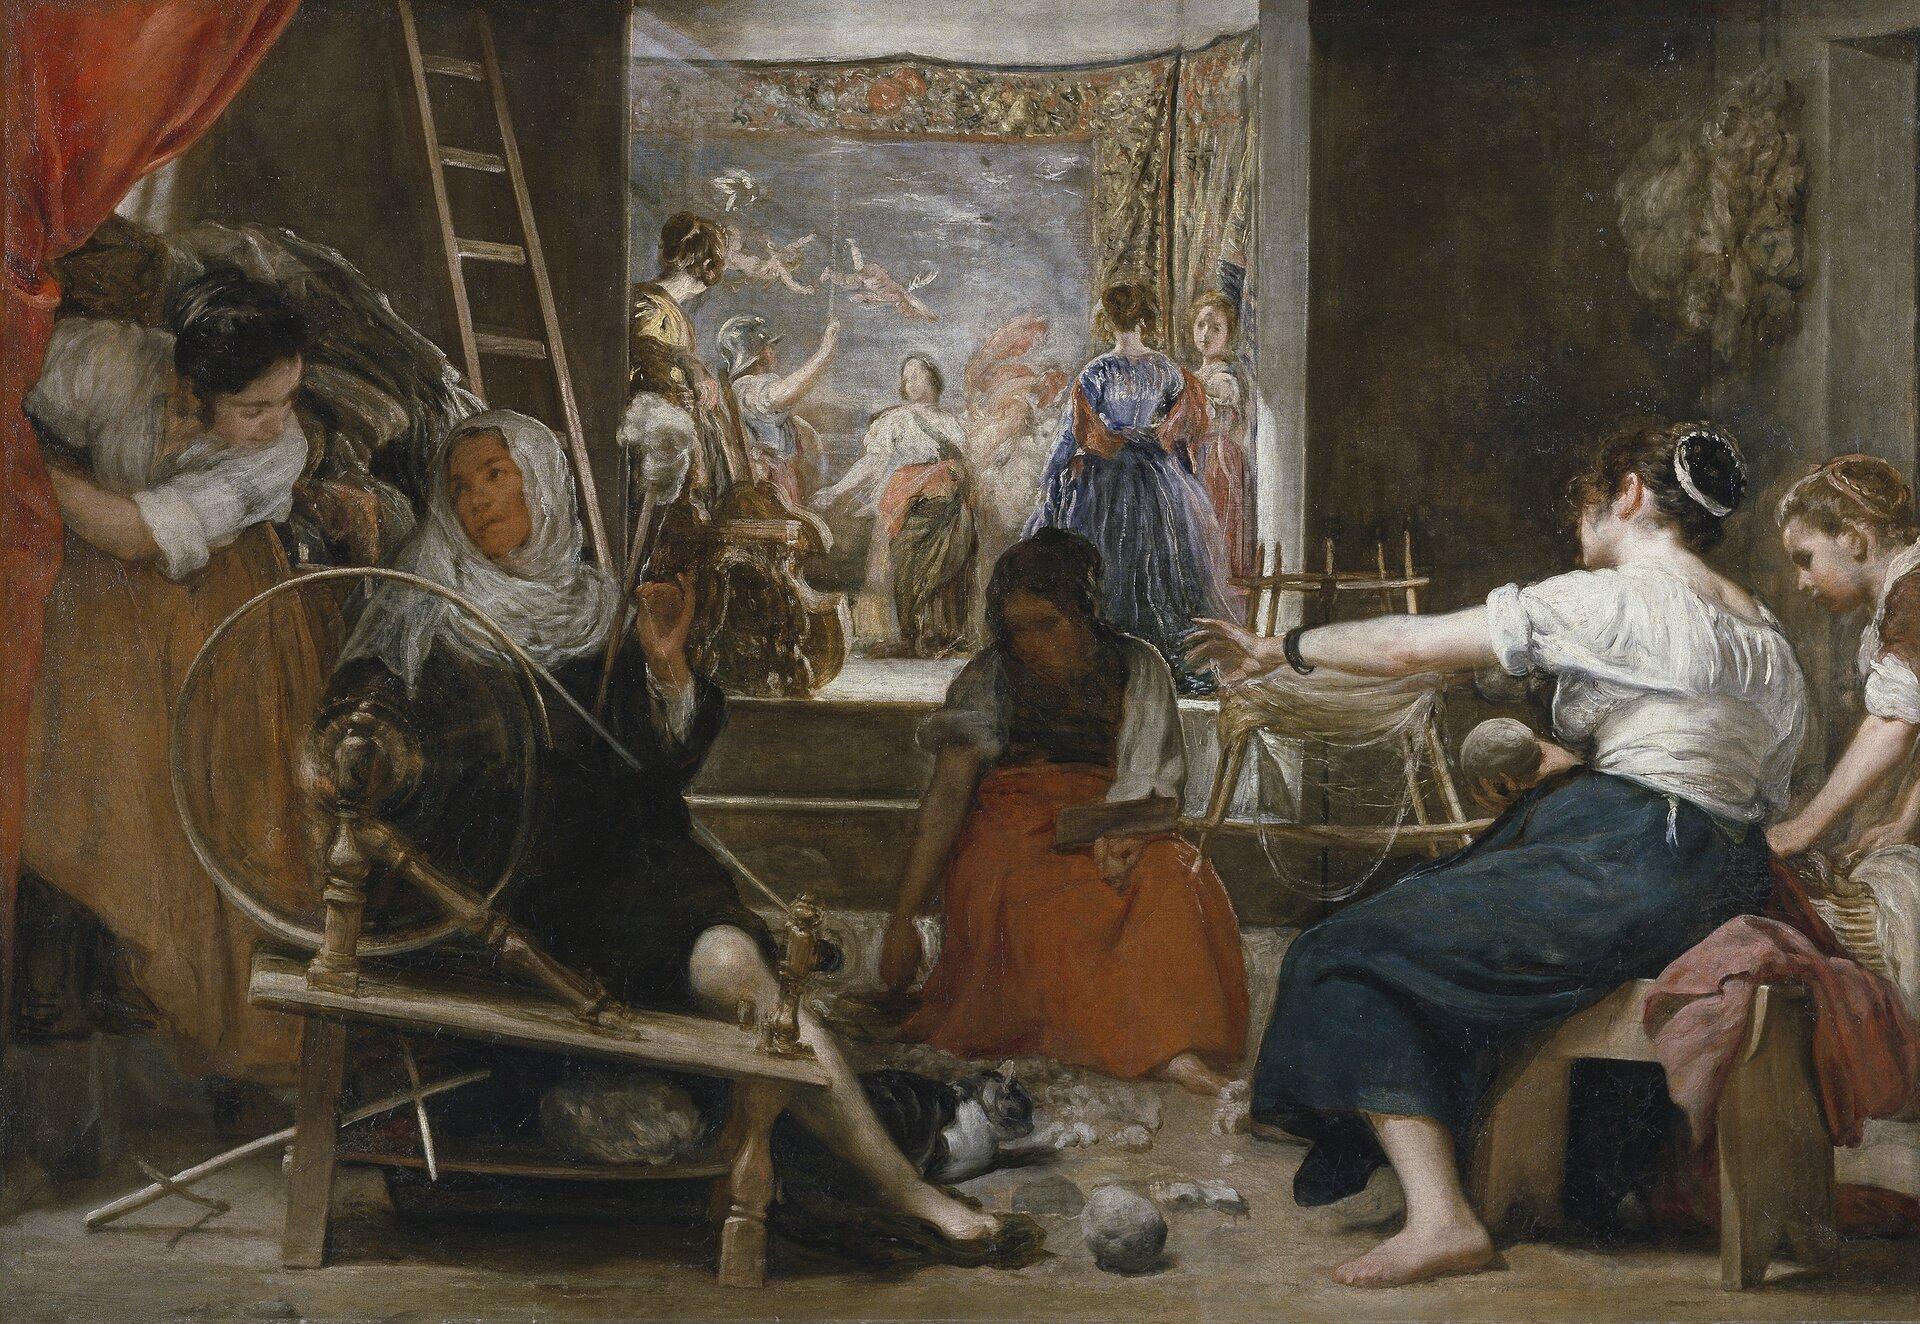 """Dzieło Diego Velazqueza """"Pracownia Arachne"""" przedstawia grupę kobiet podczas pracy wpracowni tkackiej. Na pierwszym planie widocznych jest 5 kobiet. Pomiędzy nimi na podłodze leży kot. Po lewej stronie przy kołowrotku siedzi starsza kobieta wchuście zakrywającej jej włosy. Tuż za nią stoi młoda dziewczyna, która nachyla się do niej irozmawia. Pośrodku obrazu znajduje się kobieta zbierająca zpodłogi pozostałości przędzy. Po lewej stronie, tyłem do widza siedzi kolejna prządka. Obok niej młoda kobieta stawia kosz. Wcentralnej części dzieła, wosobnym pomieszczeniu znajdują się bogato ubrane kobiety oglądające to, co jest dziełem pracowni Arachne."""